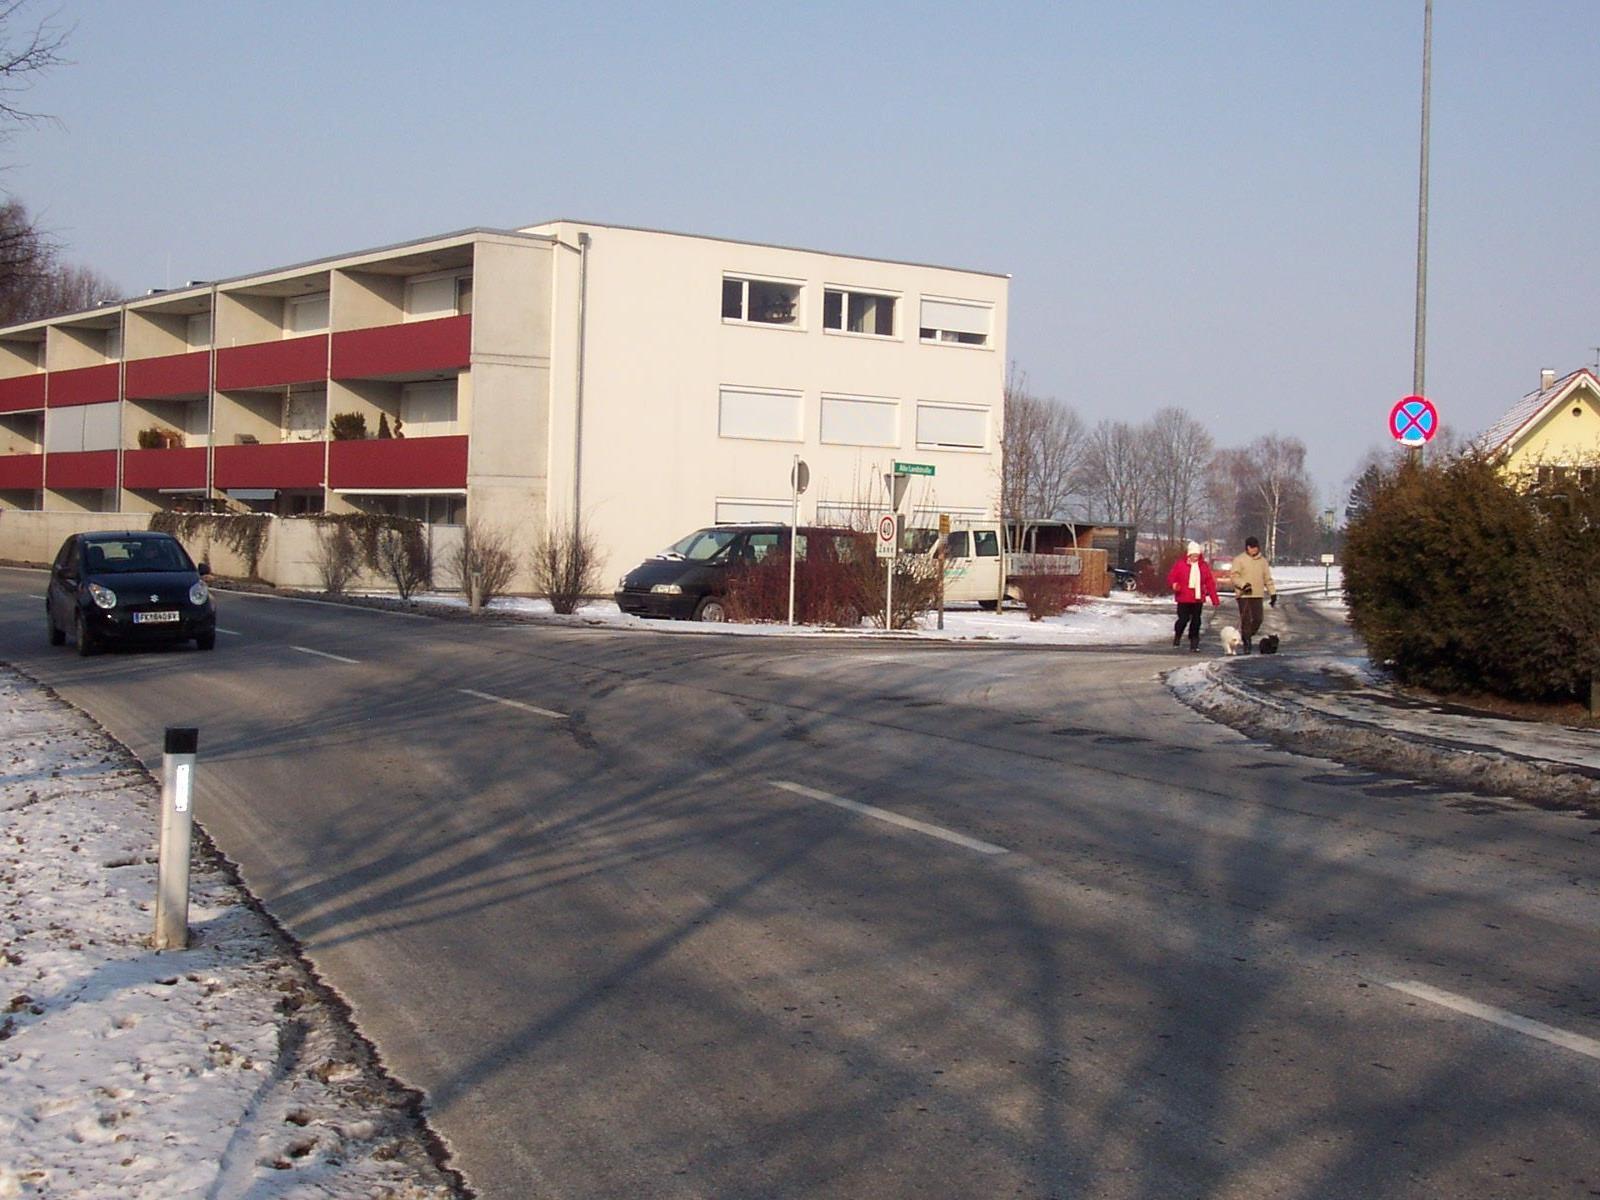 """Im Bild die Einmündung der """"Alten Landstraße"""" in die neu benannte ,,Schweizerstraße""""."""